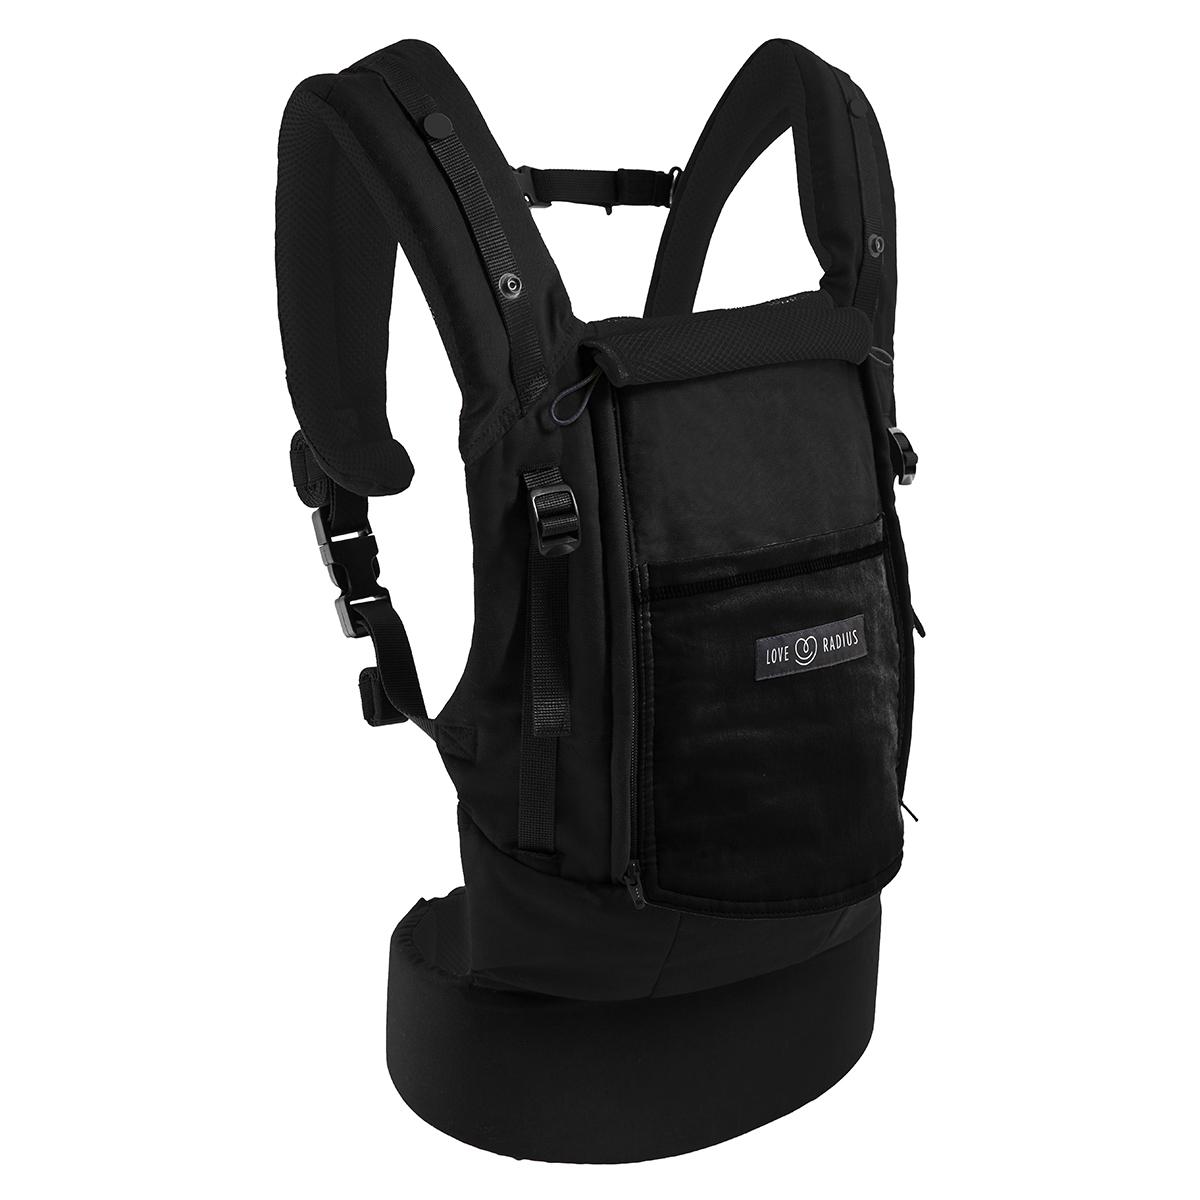 Porte bébé Porte-bébé PhysioCarrier et Booster Pack - Noir